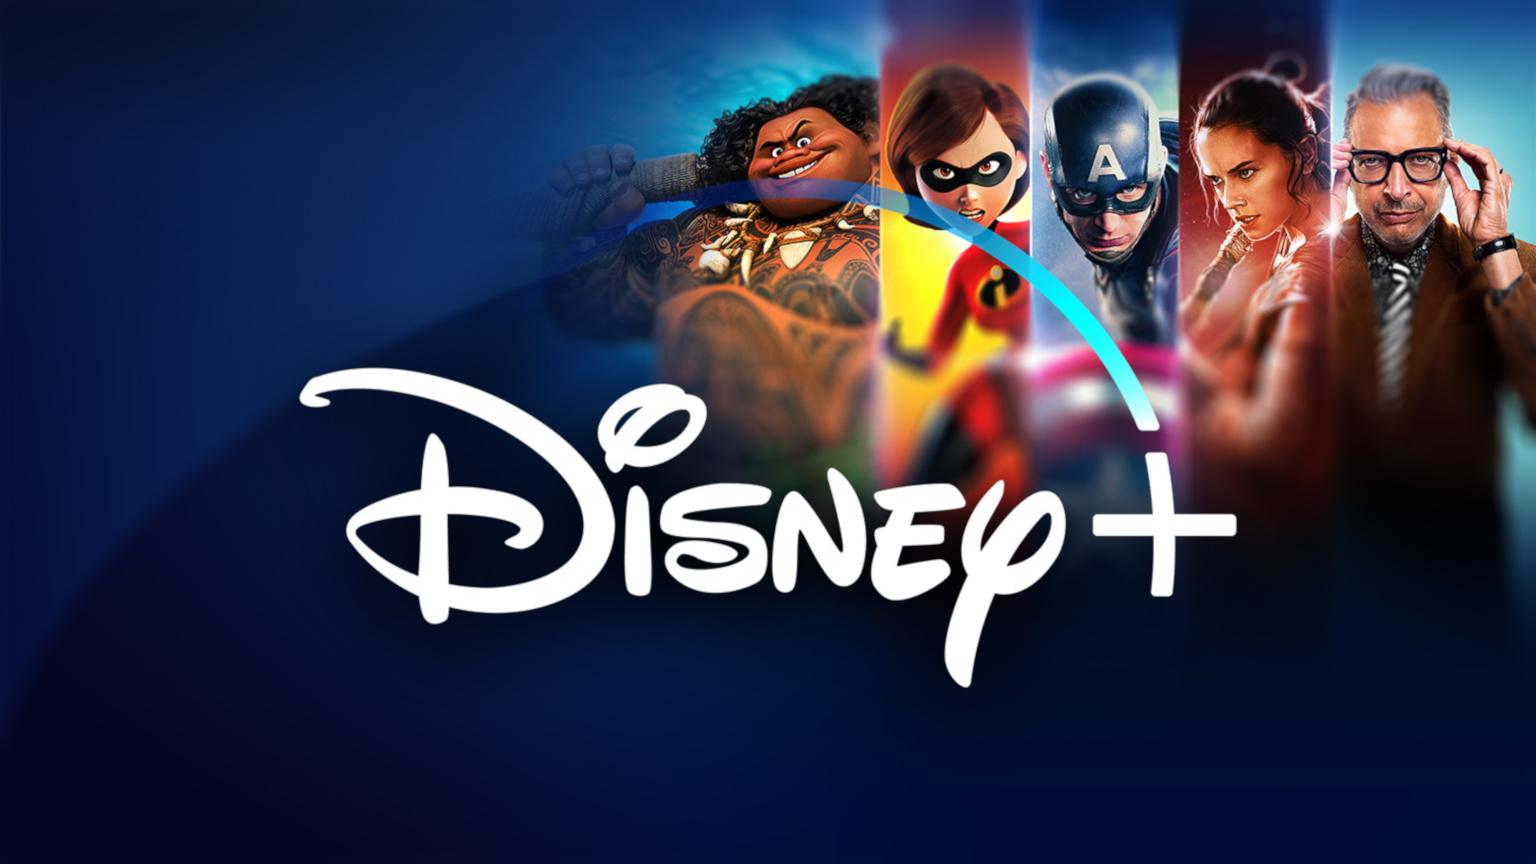 Disney+ 2020 Movie Release Schedule Revealed | Finder